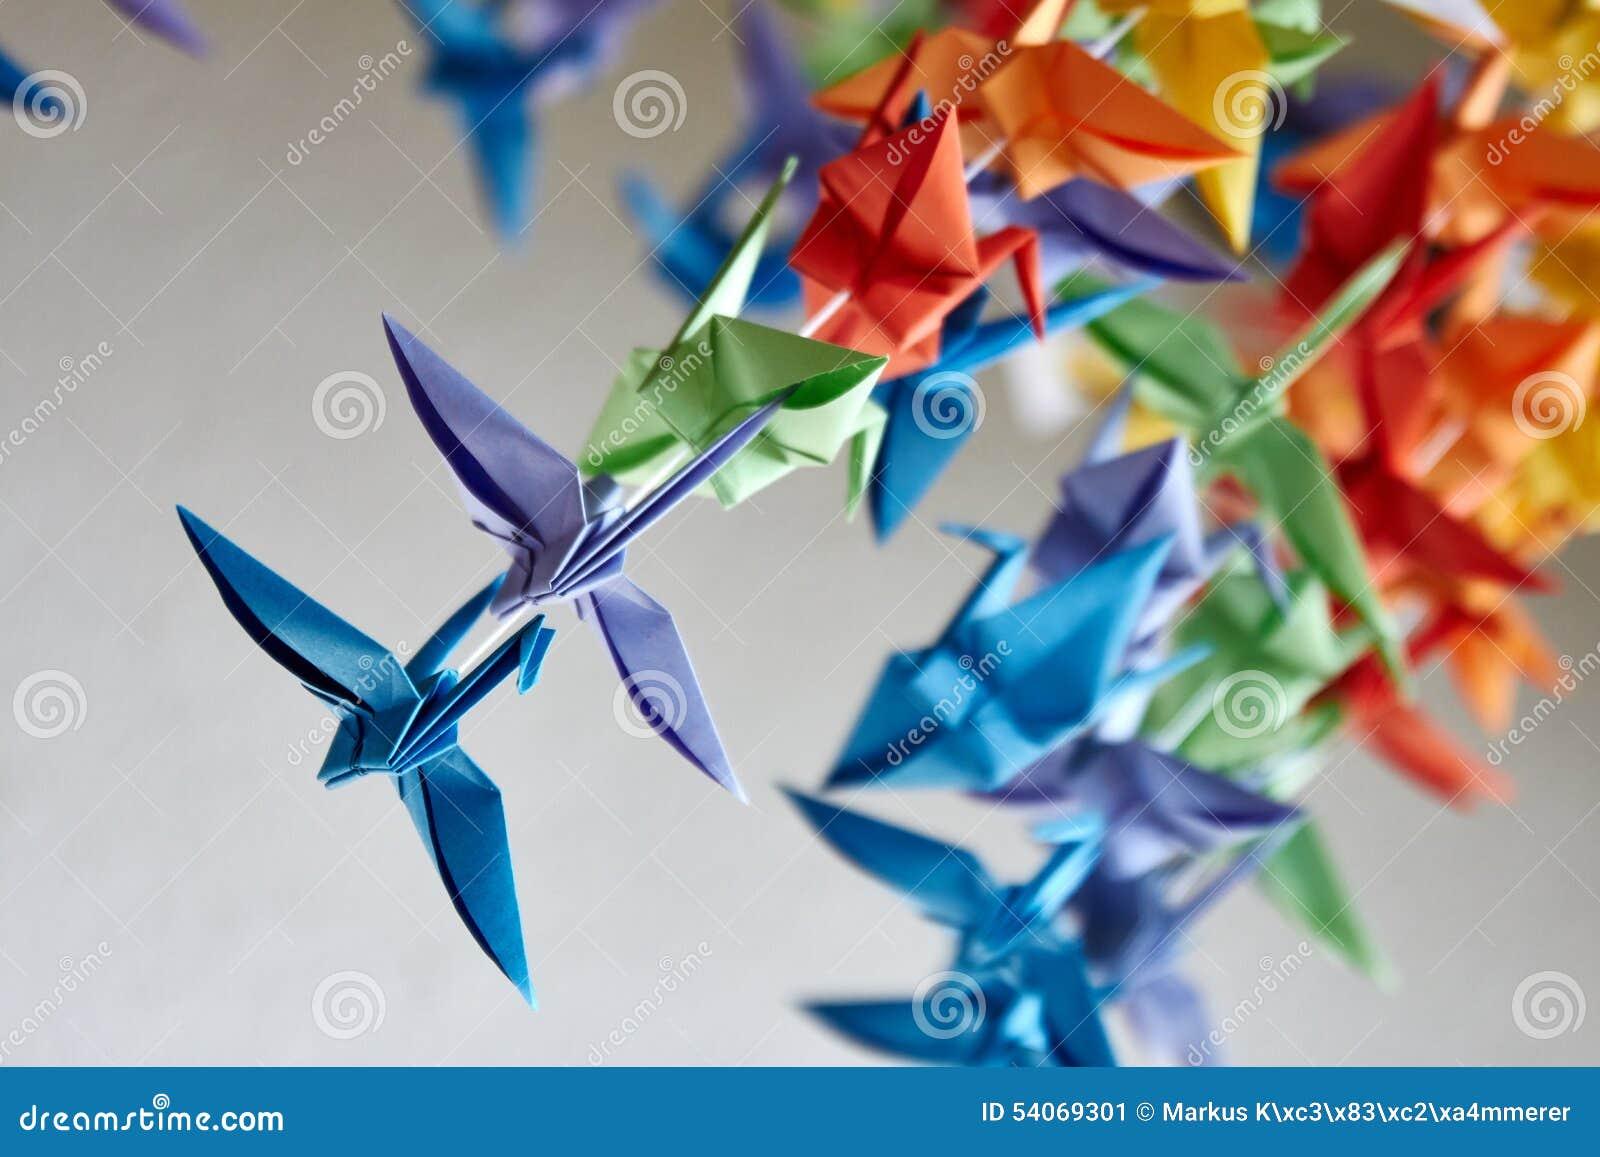 五颜六色的手工制造origami起重机或幻想鸟